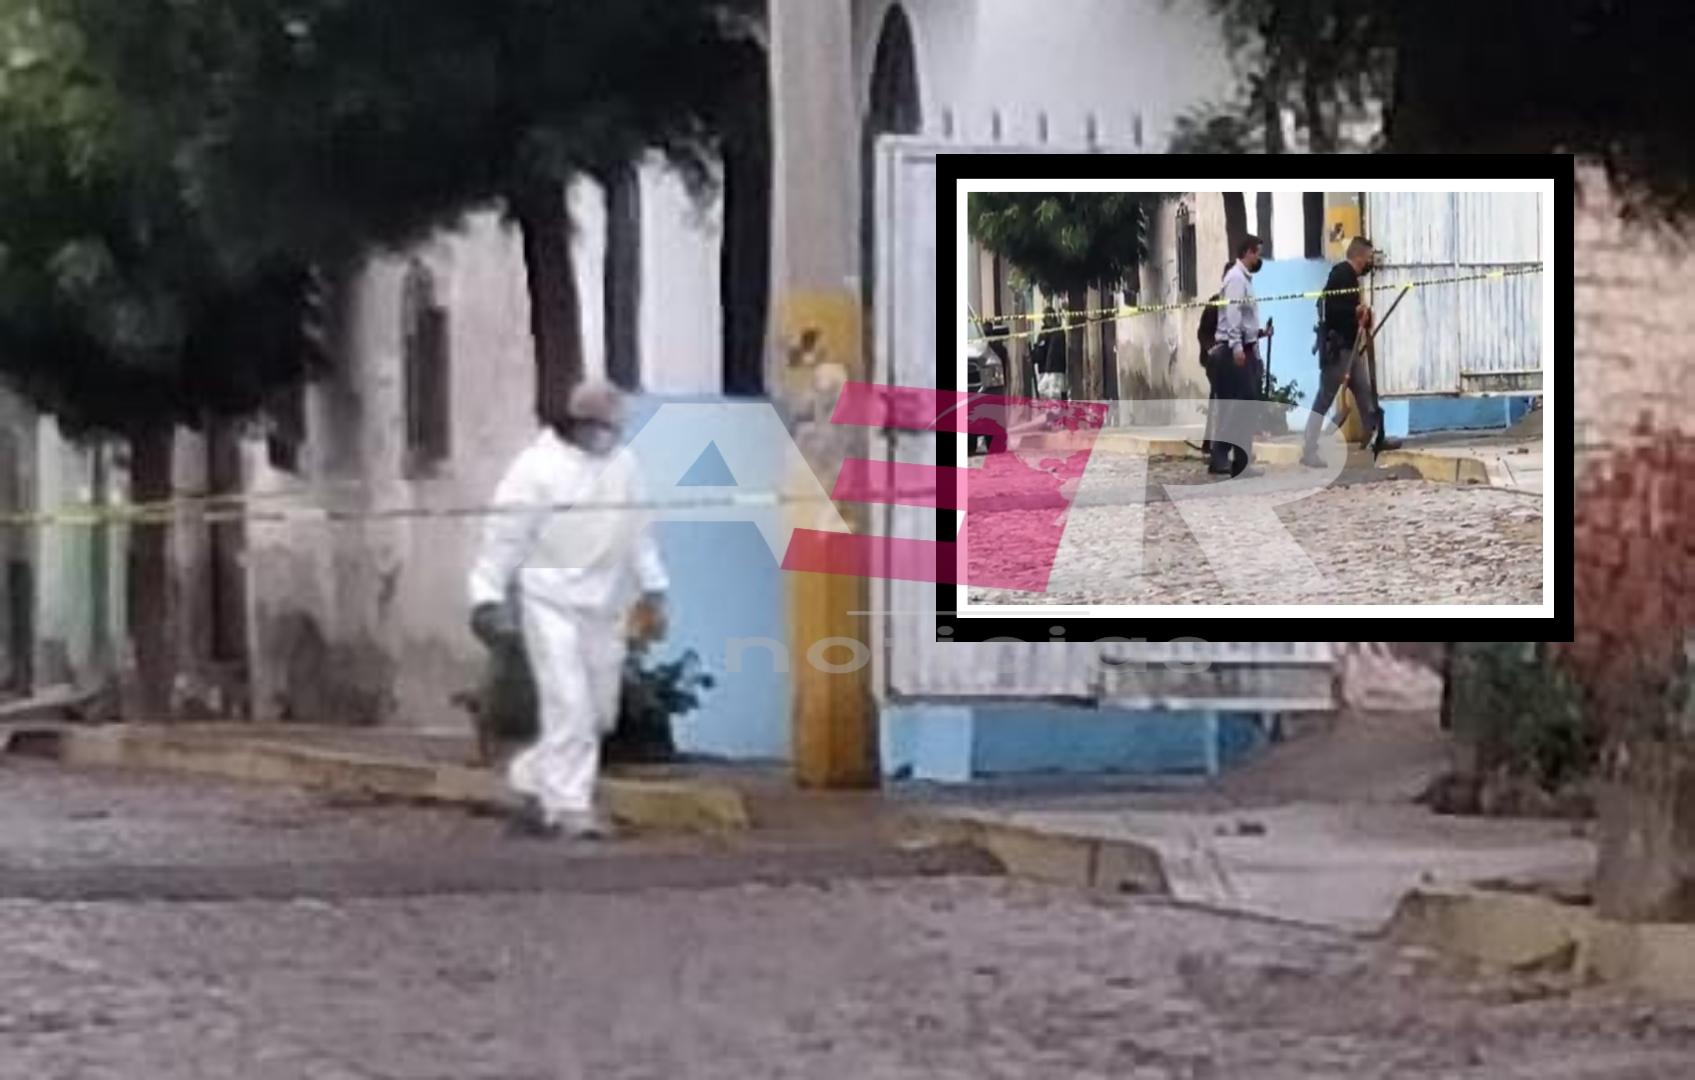 Escapa mujer de casa de seguridad y liberan a una víctima más en la comunidad San Roque 1